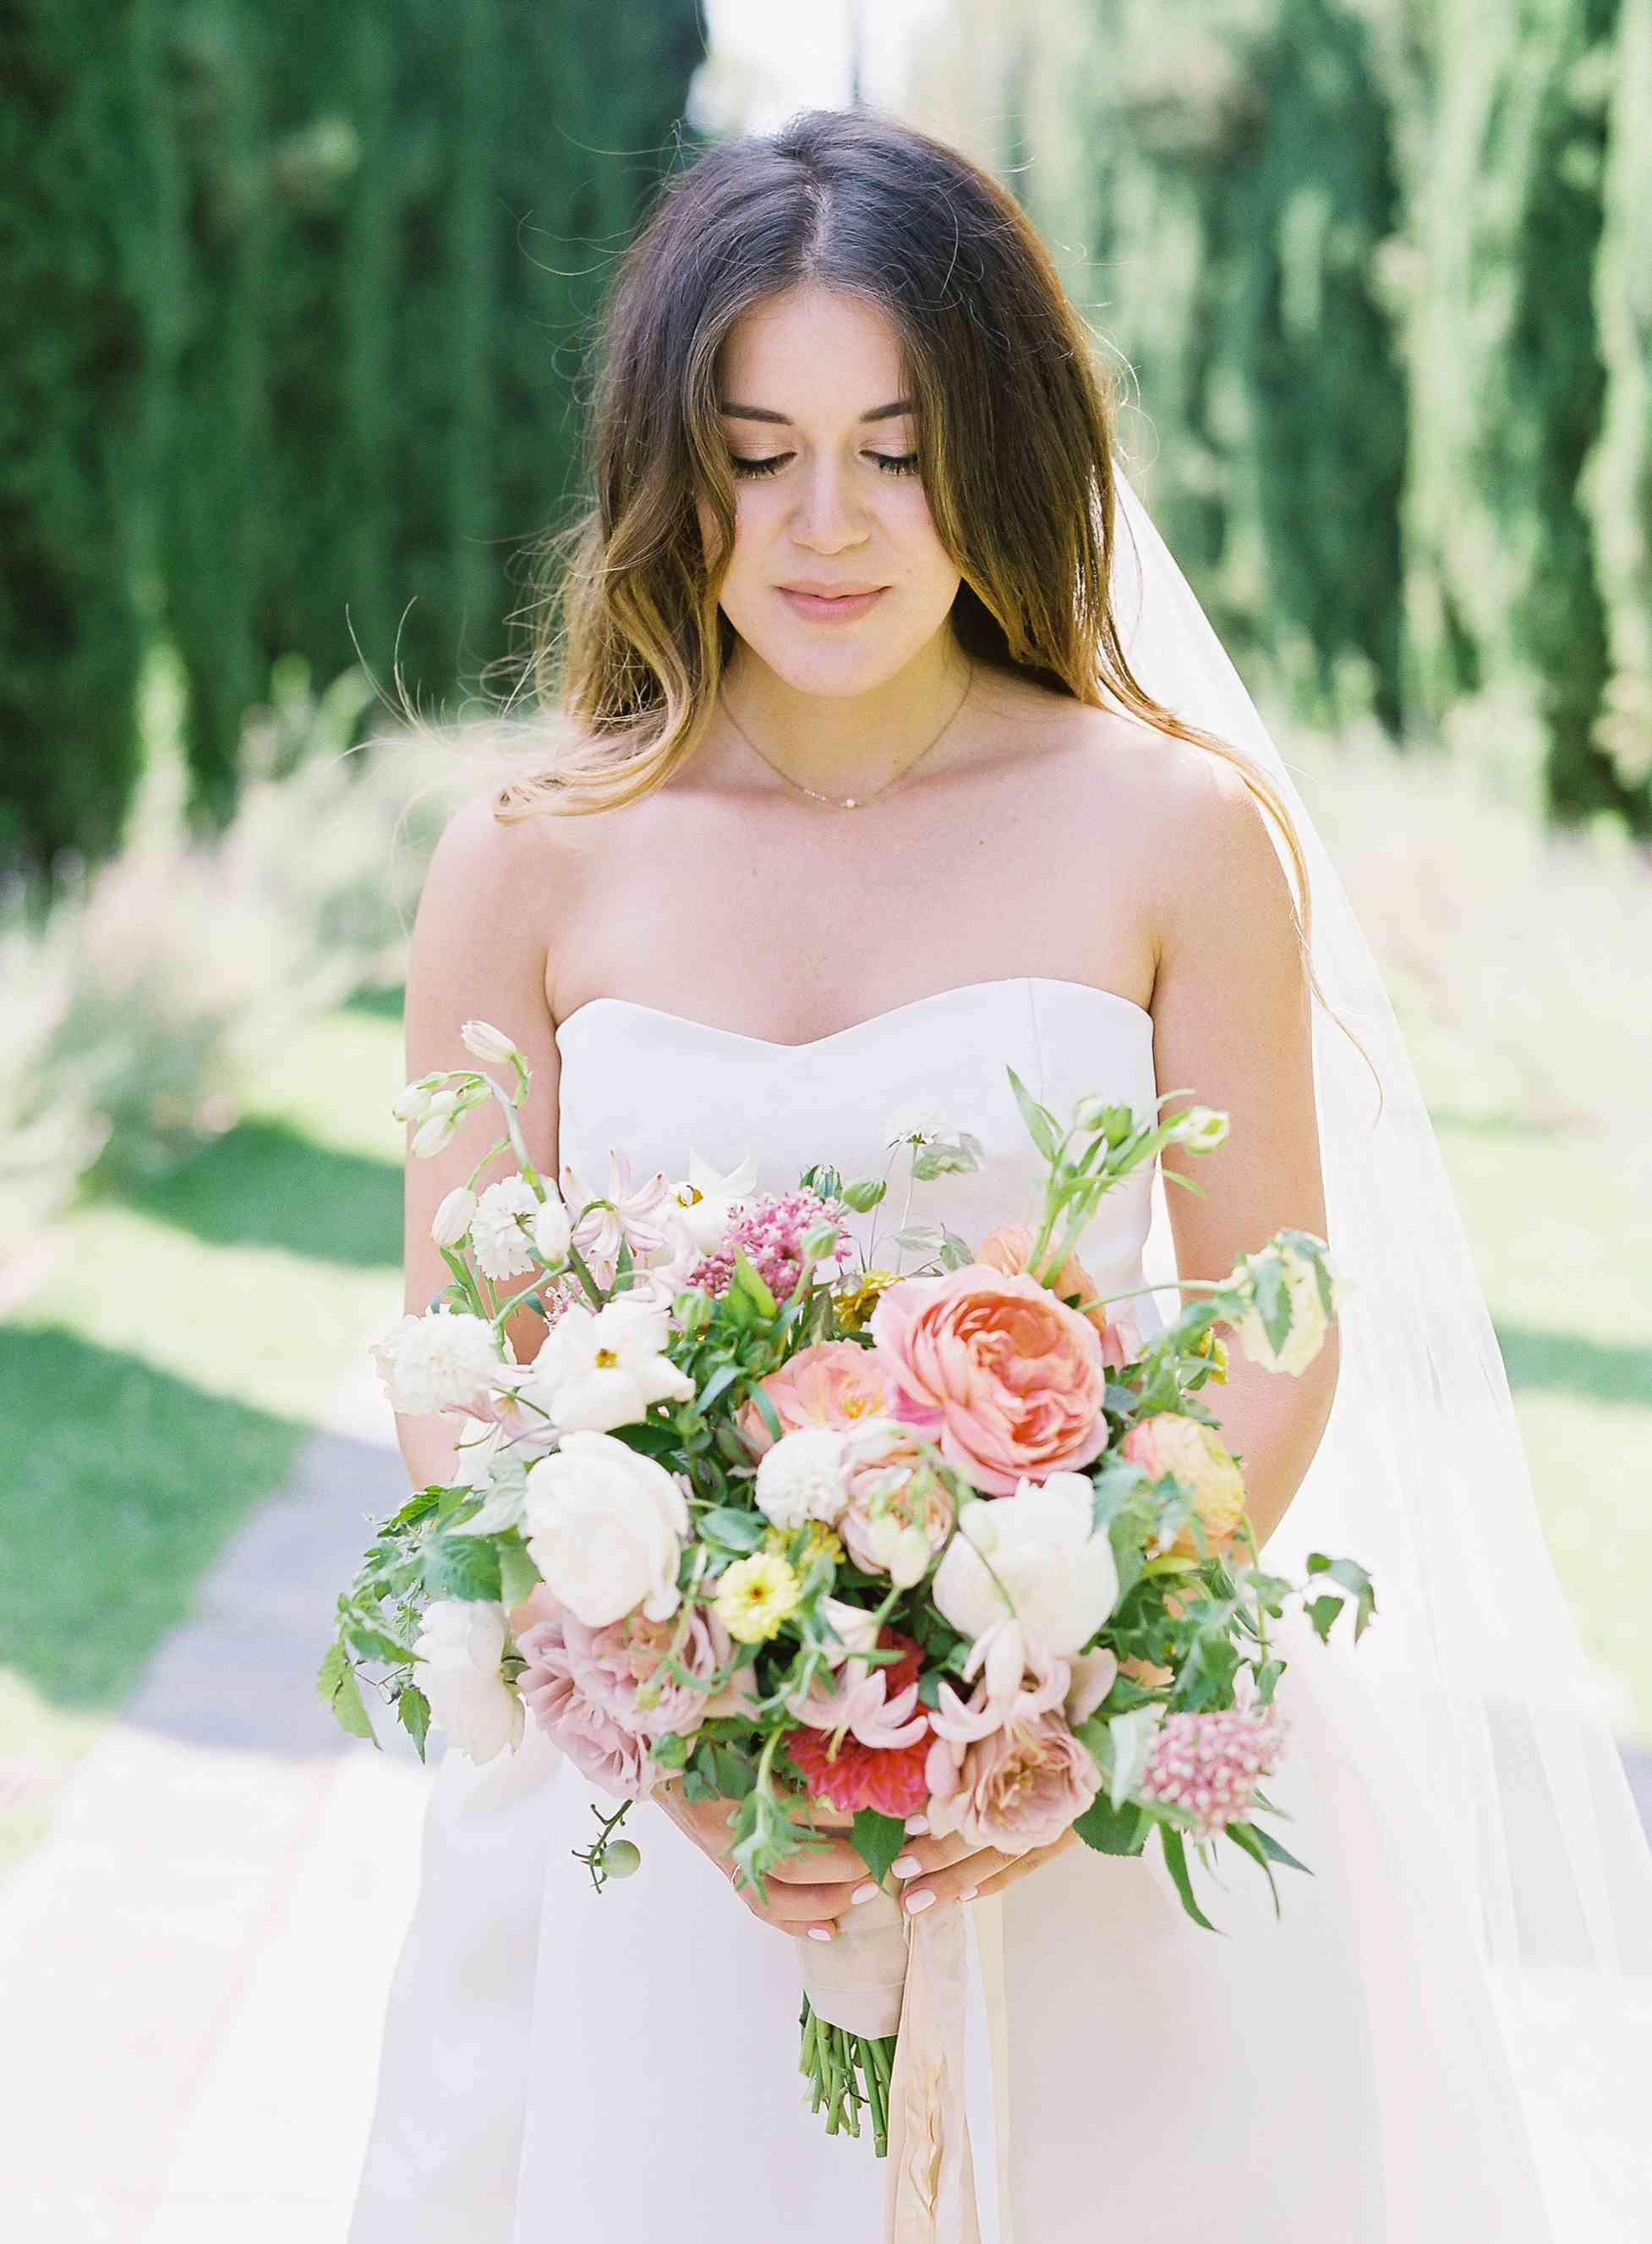 Bride with garden wedding bouquet